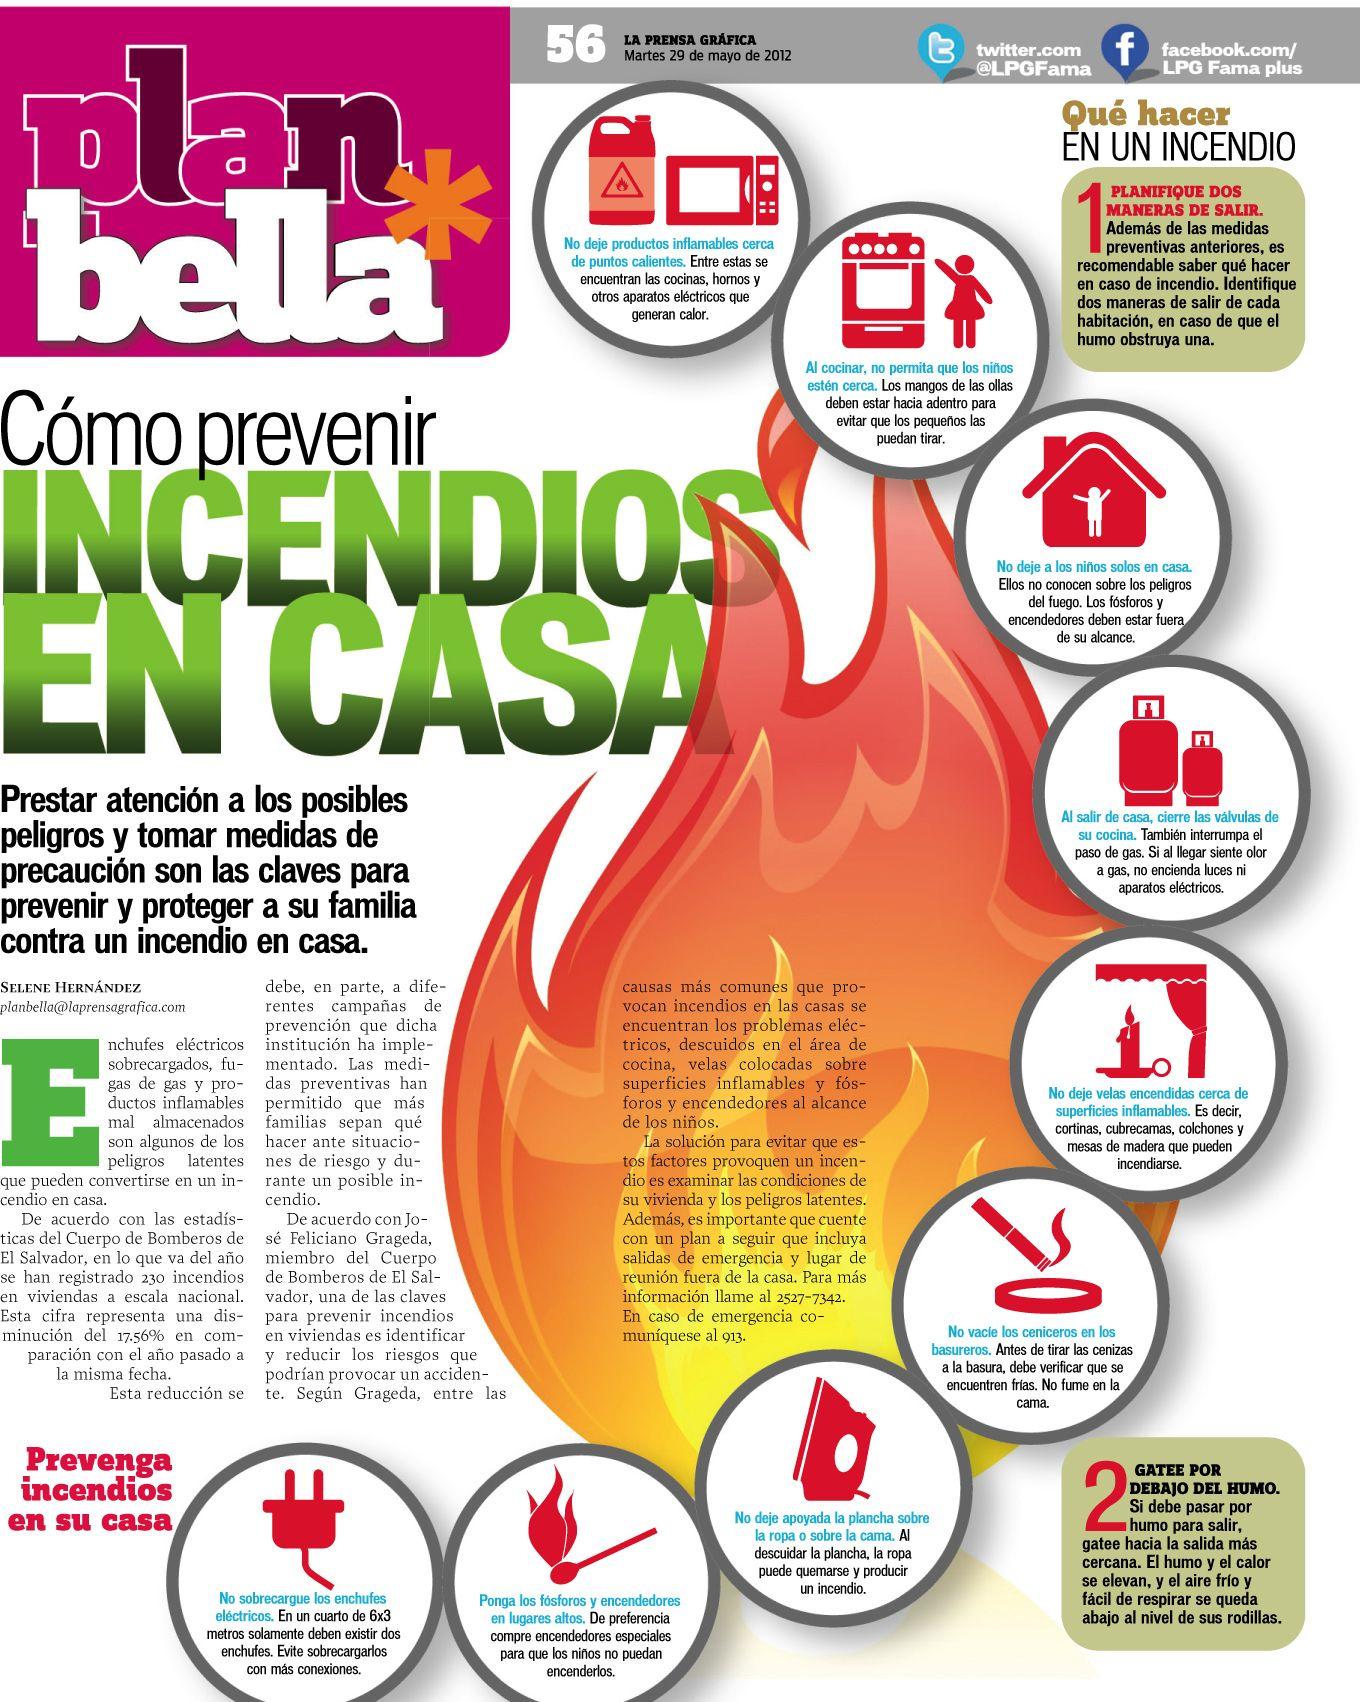 Prevenir Incendios En Casa Consejos De Seguridad Salud Y